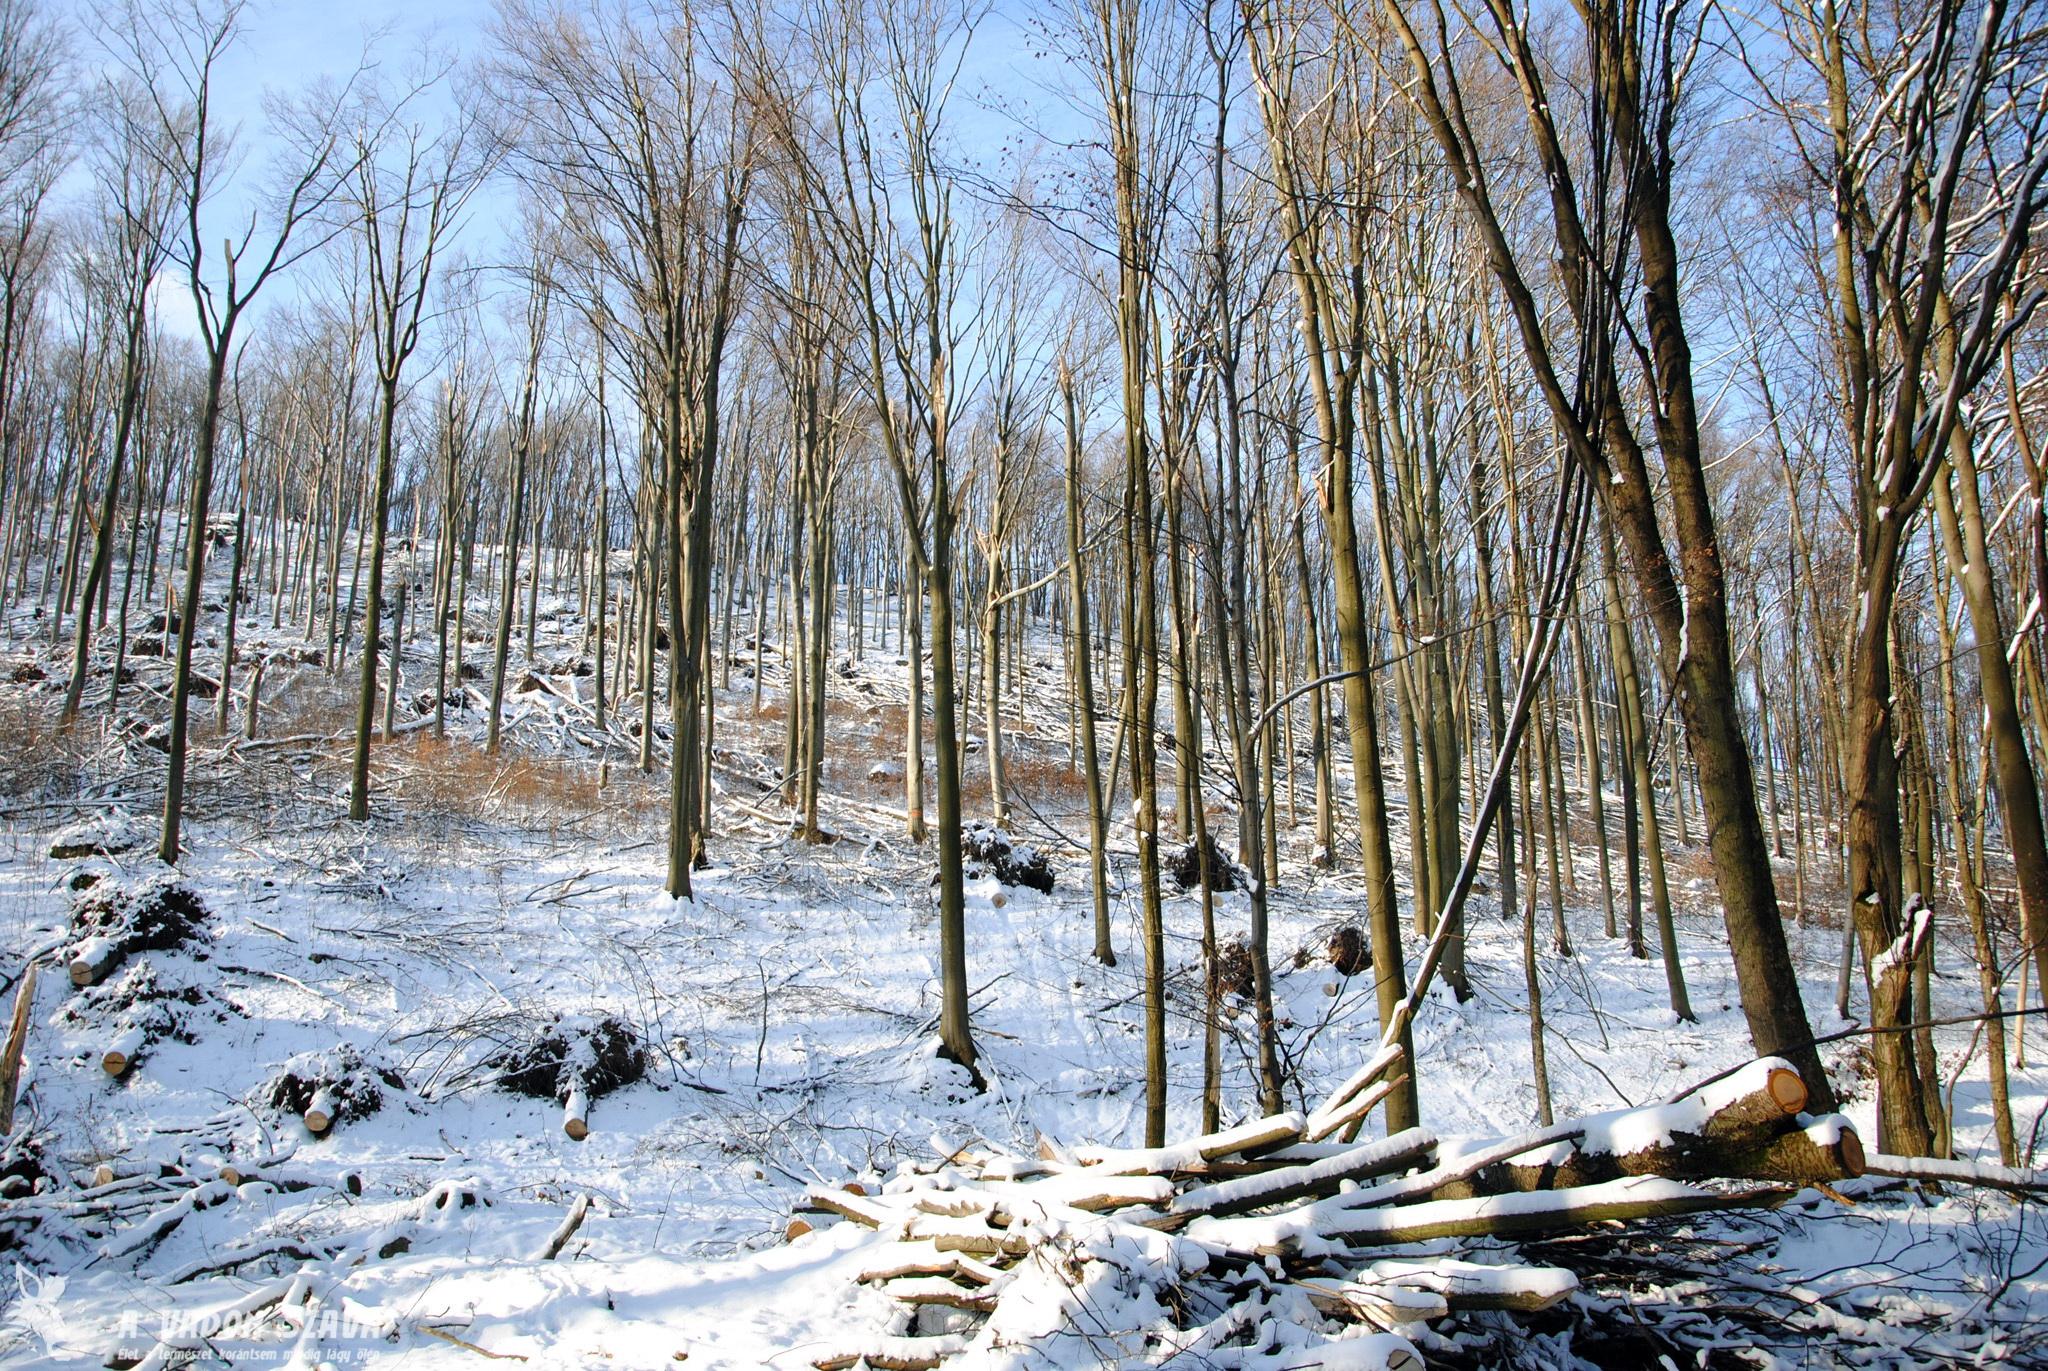 Nem sokkal odébb kidőlt fák tönkjeit látni. Magukat a fákat itt részben már összegyűjtötte az erdészet.